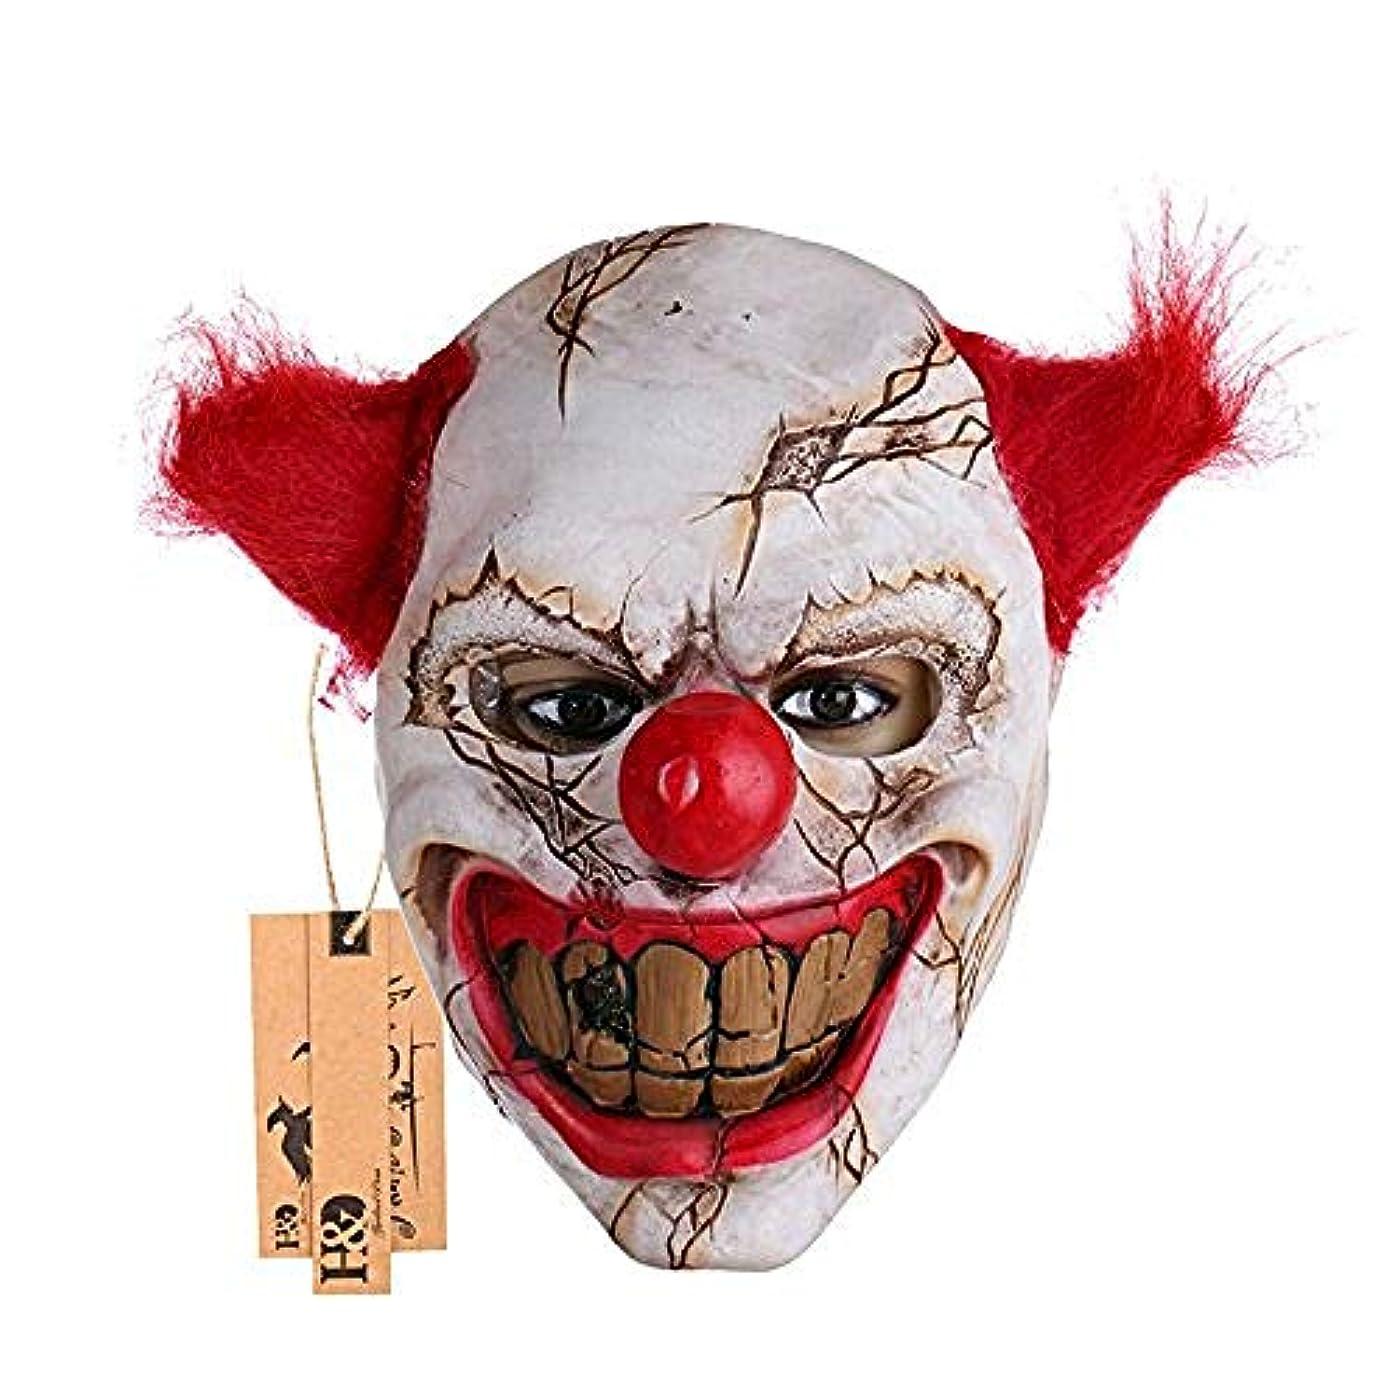 チャップケイ素聖人ハロウィーンラテックスピエロマスク、コスチュームパーティー小道具マスク、透明な大きな口の赤い髪の鼻、コスプレホラーマスカレードマスクゴーストパーティー